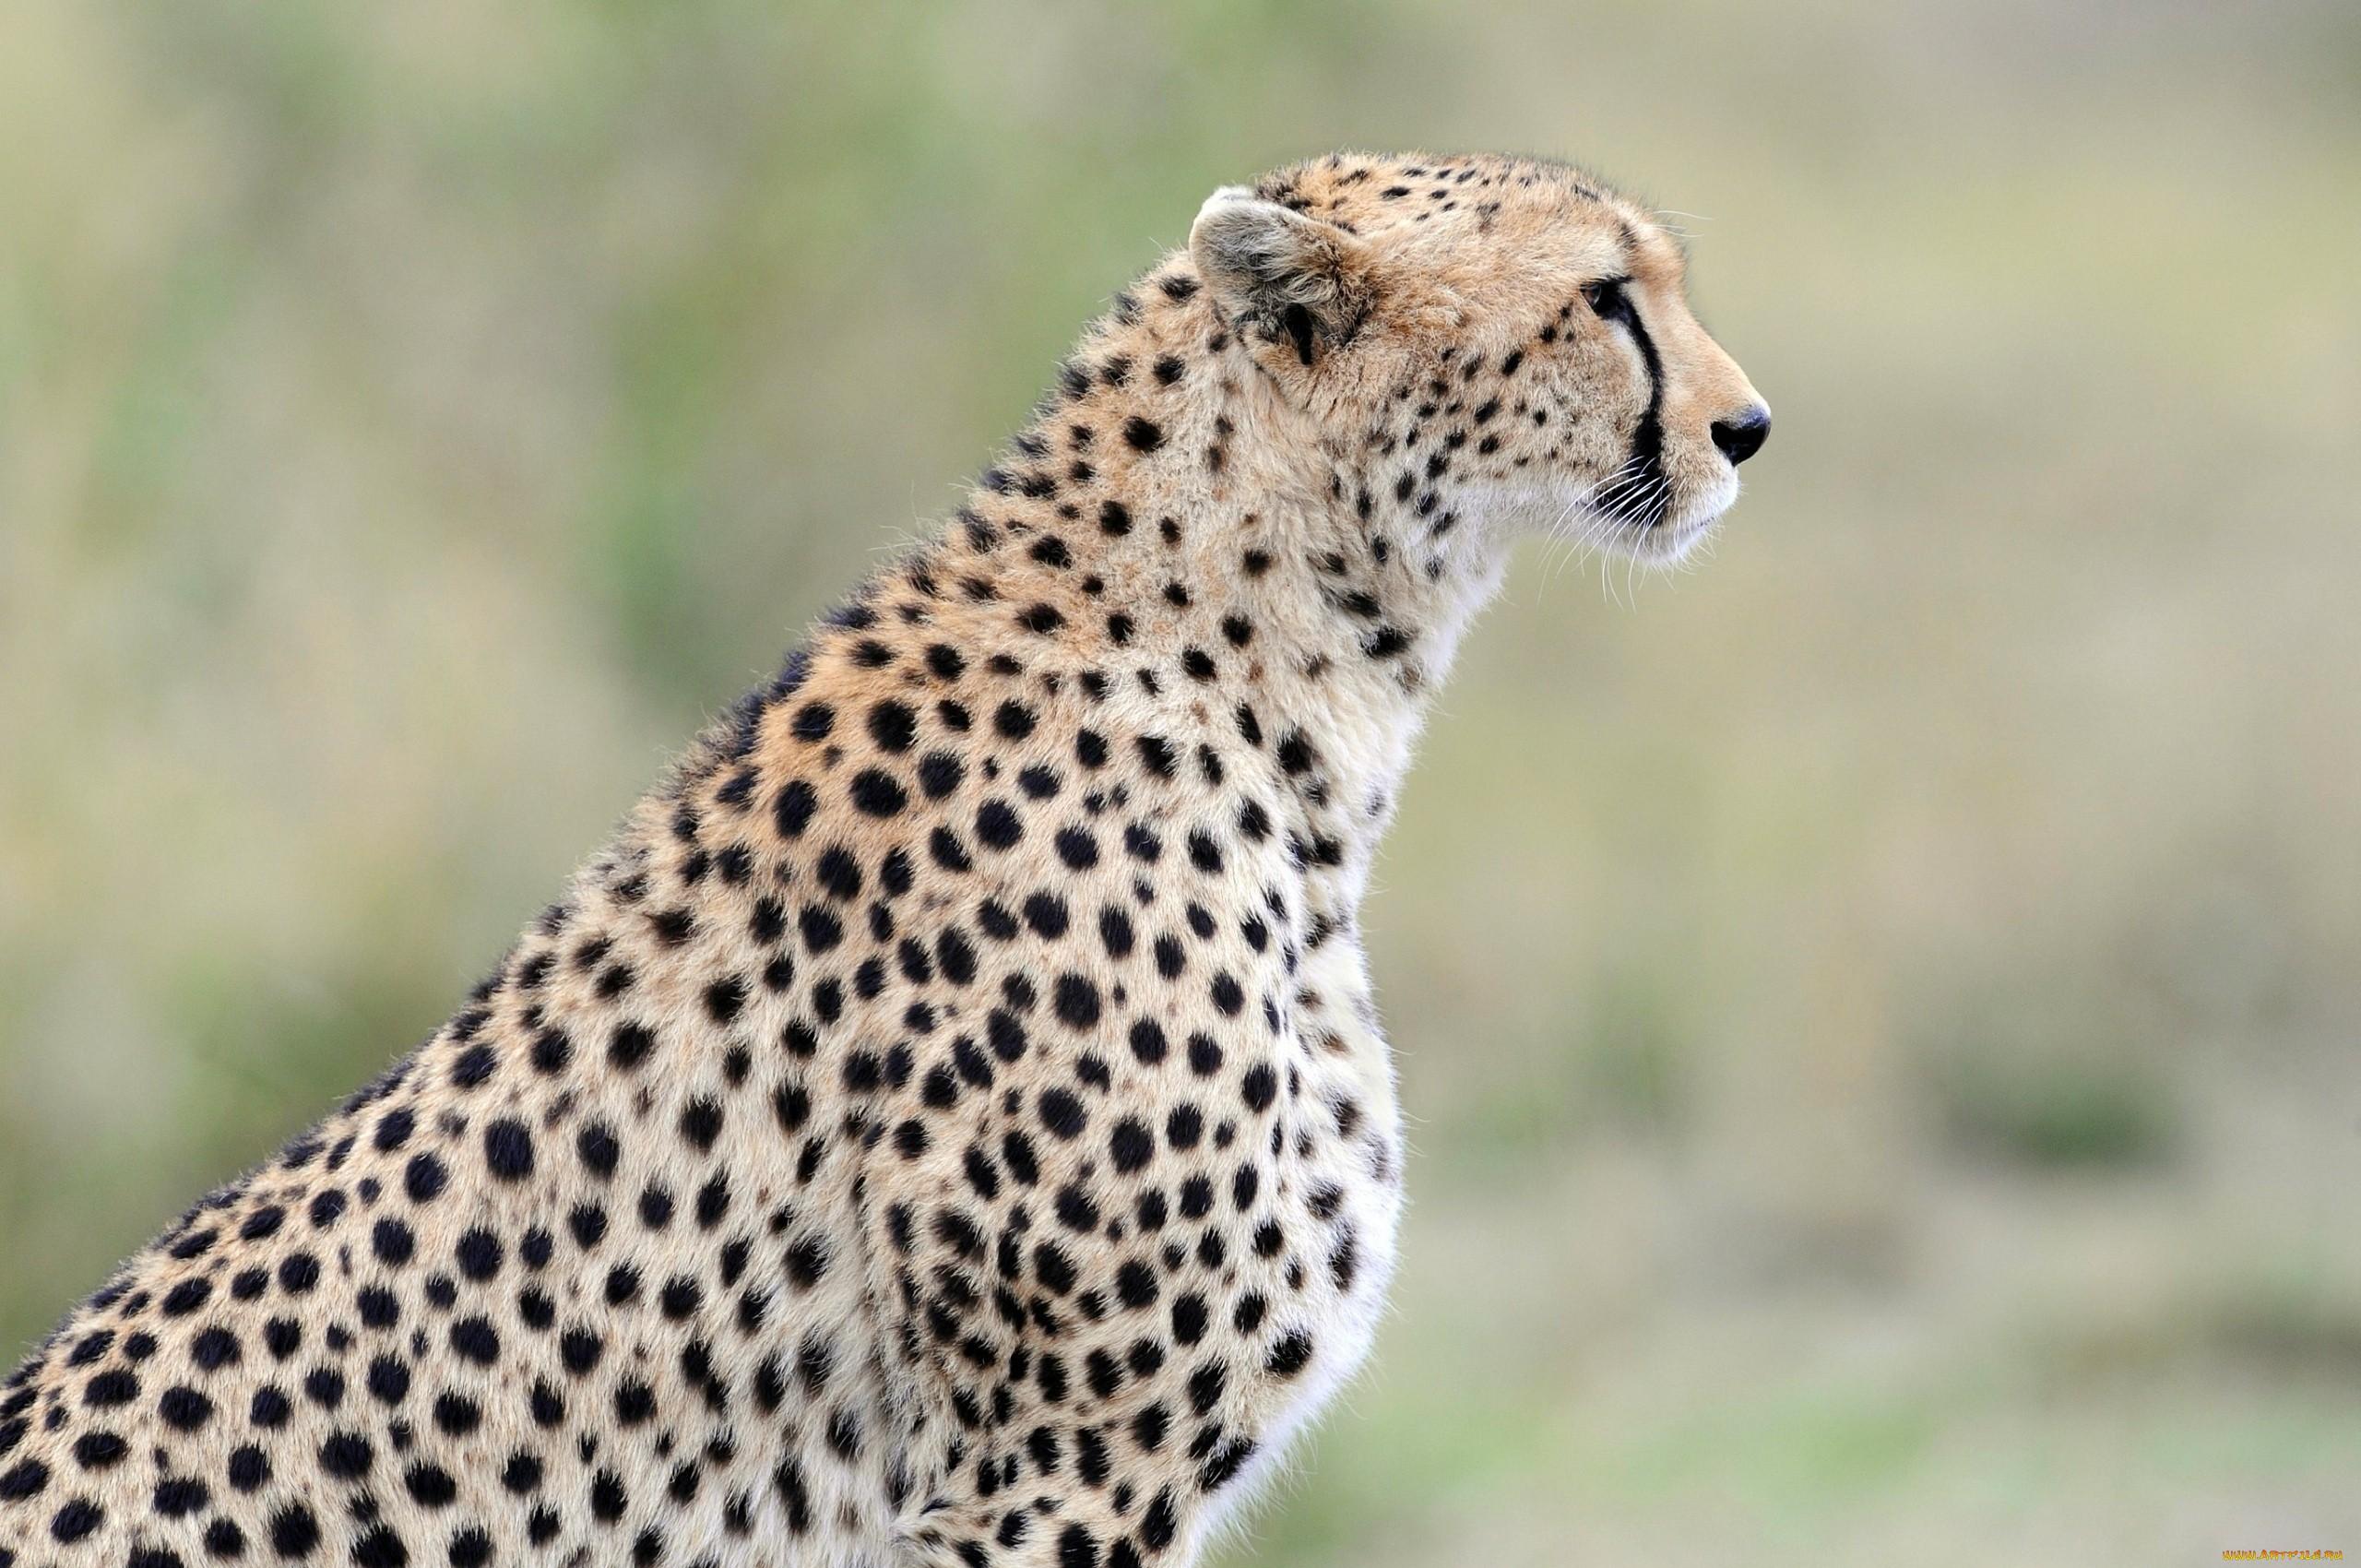 гепард кошки картинки что справедливым был